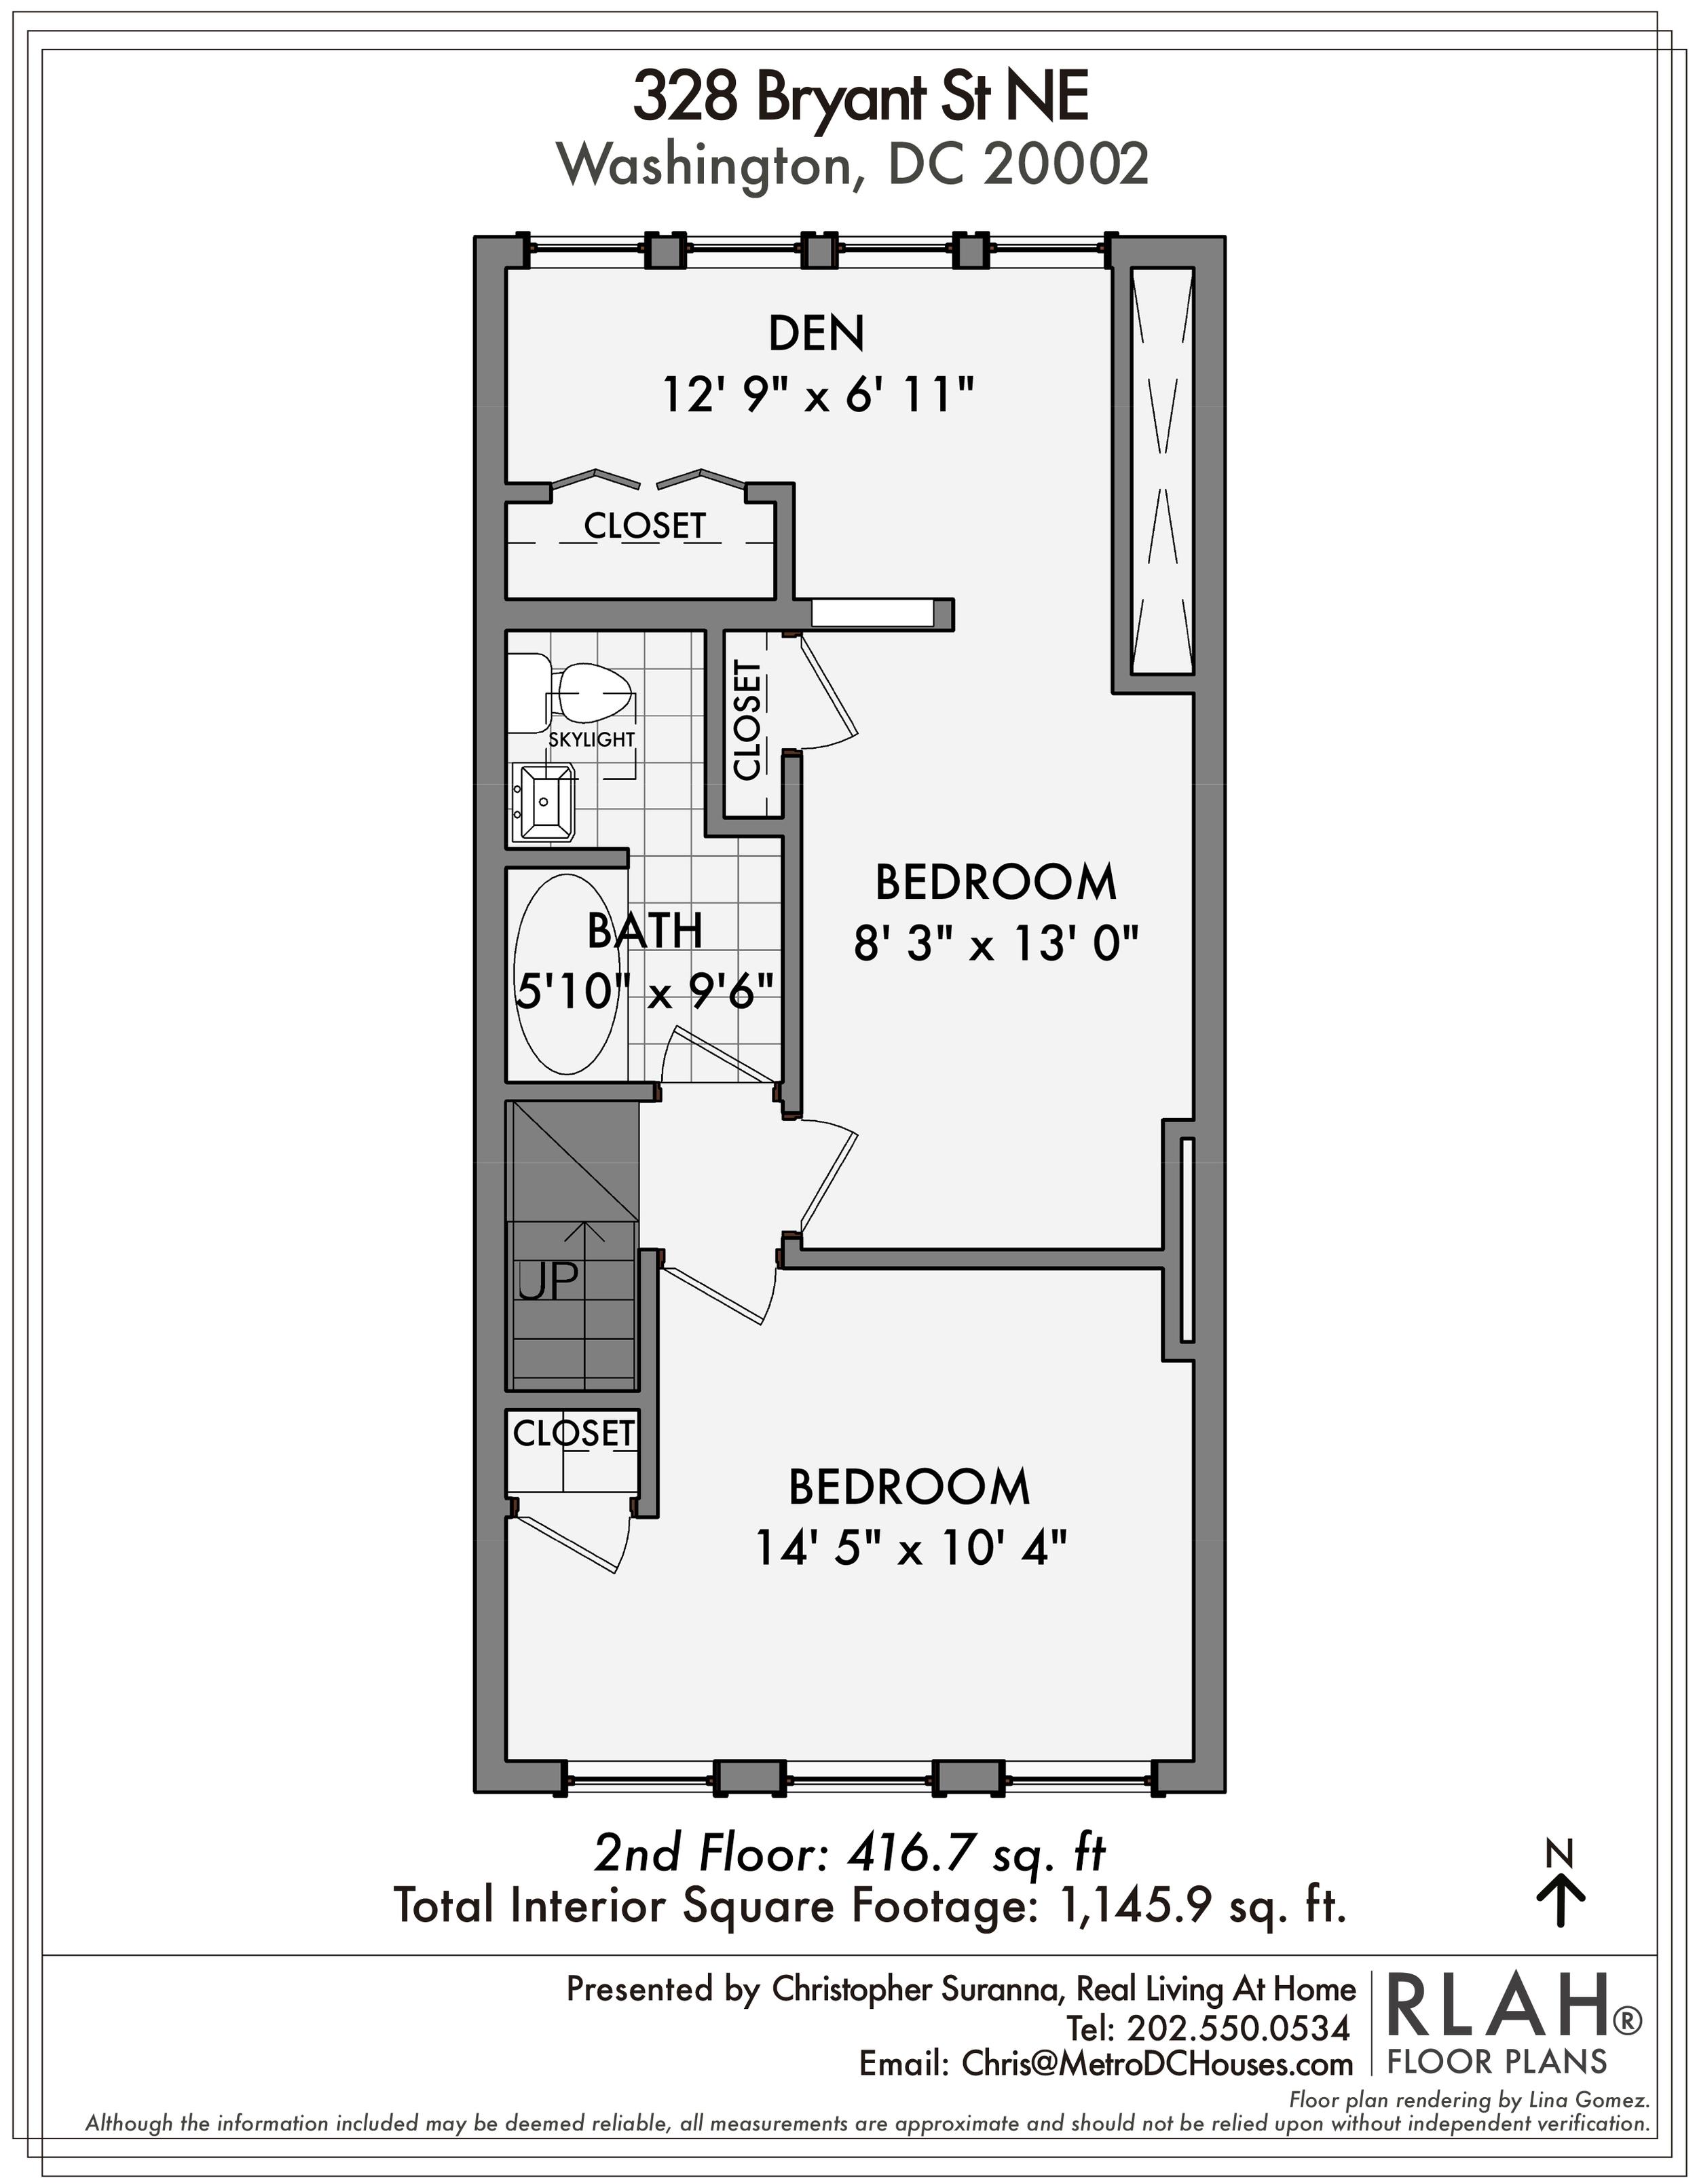 328 Bryant St NE - 2nd Floor.jpg